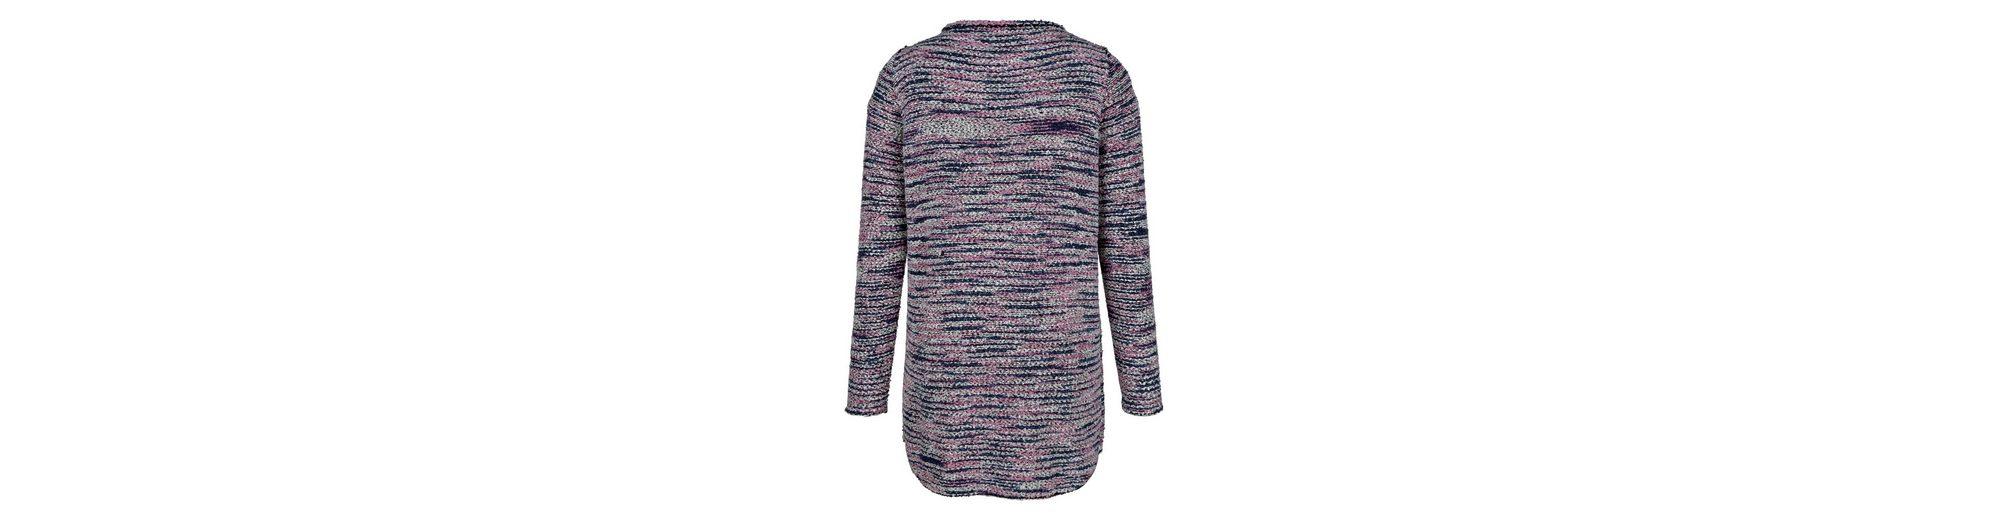 MIAMODA Pullover hinten etwas länger geschnitten als vorne Footlocker Zum Verkauf Billig Authentisch PgZ33